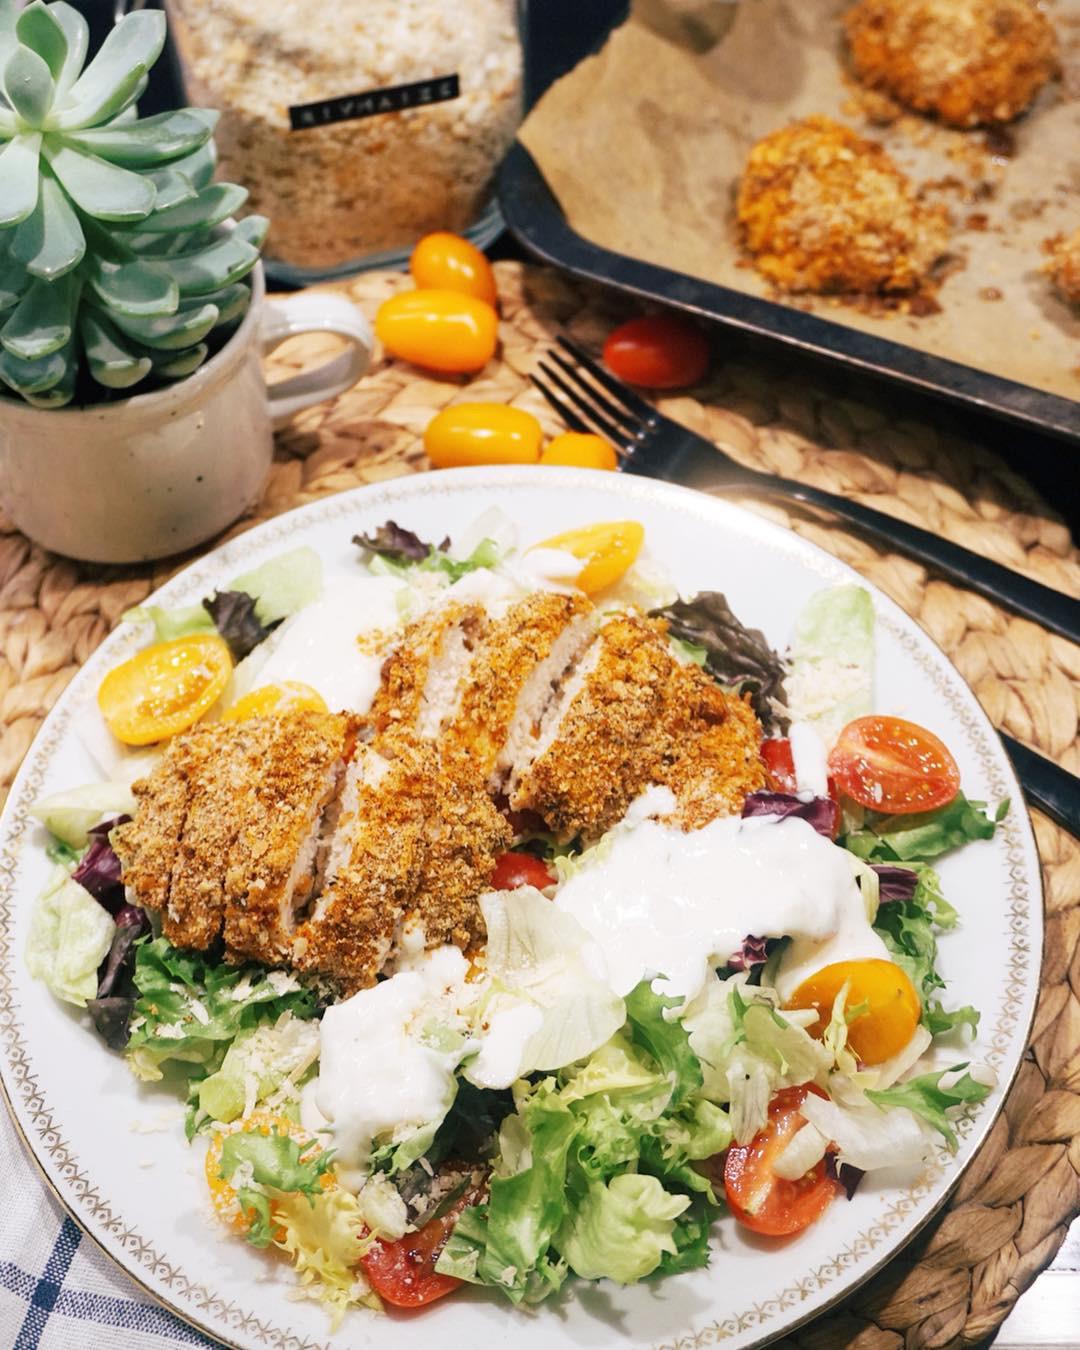 salāti ar kraukšķīgo vistu - labrīt, brīvdienotāji, vakar pavēlā vakarā uz ašo pagatavoju kraukšķīgās vistiņas salātus, bet nogurums darīja savu, tāpēc šito brīvdienu pusdienu/vakariņu recepti nododu jums tikai šorīt no rīta. lai labi garšo!🍽🥗👇🏻